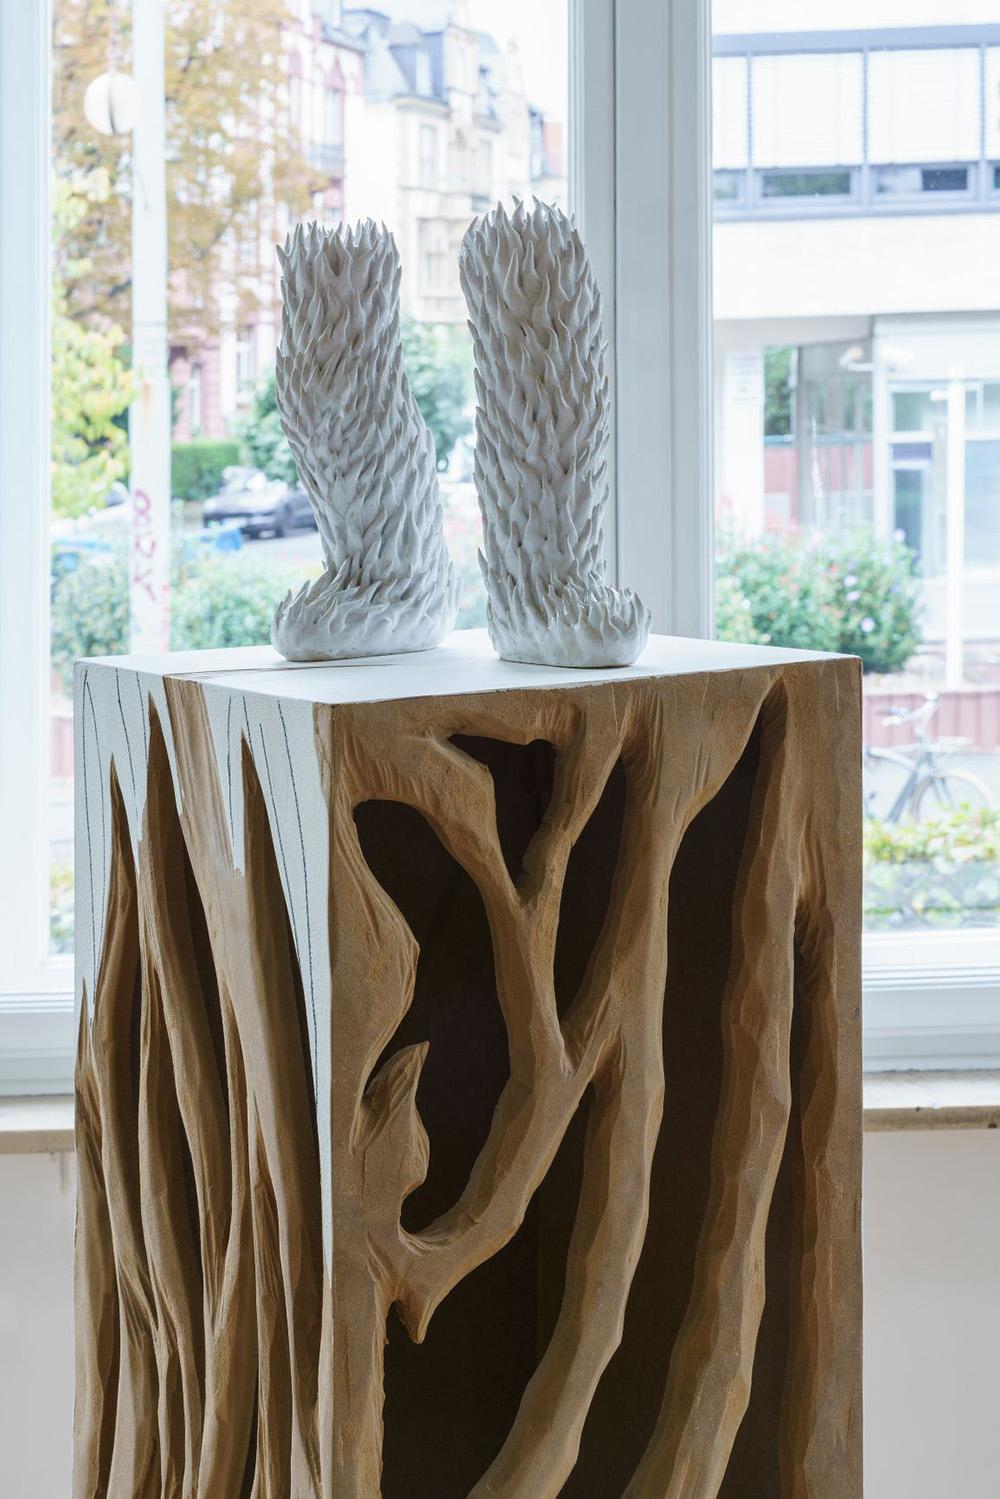 (Installation mit Sockel Skulptur und Zeichnung) Immanuel Birkert First Sun (3), 2020 Mixed media 154 x 30 x 30 cm